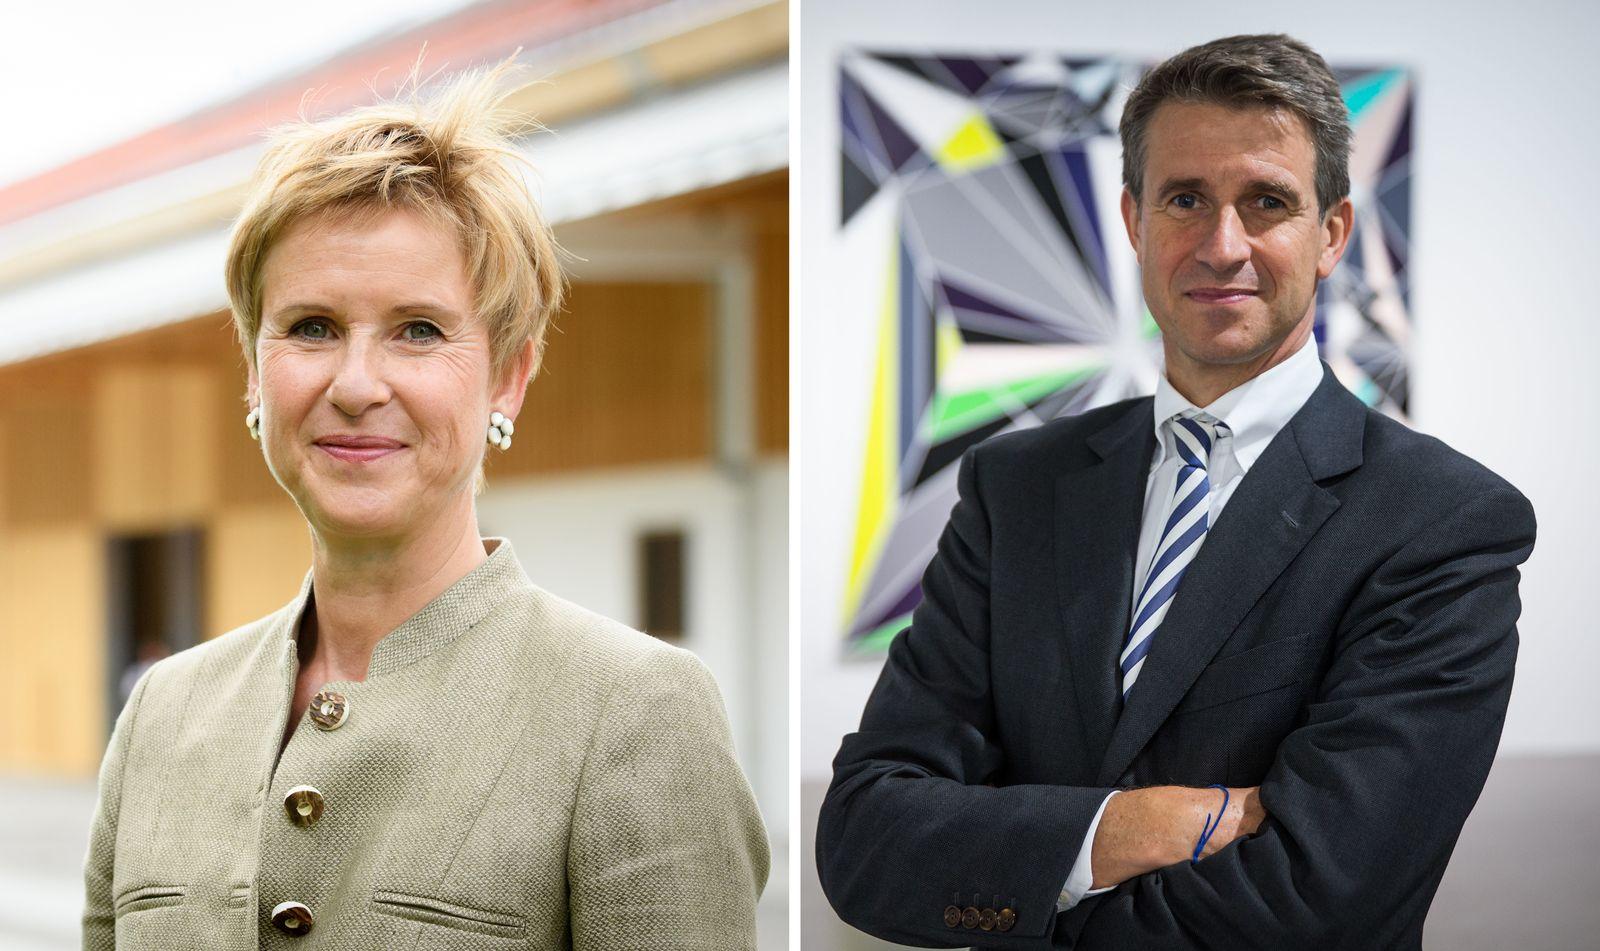 Kombo/ Stefan Quandt/ Susanne Klatten